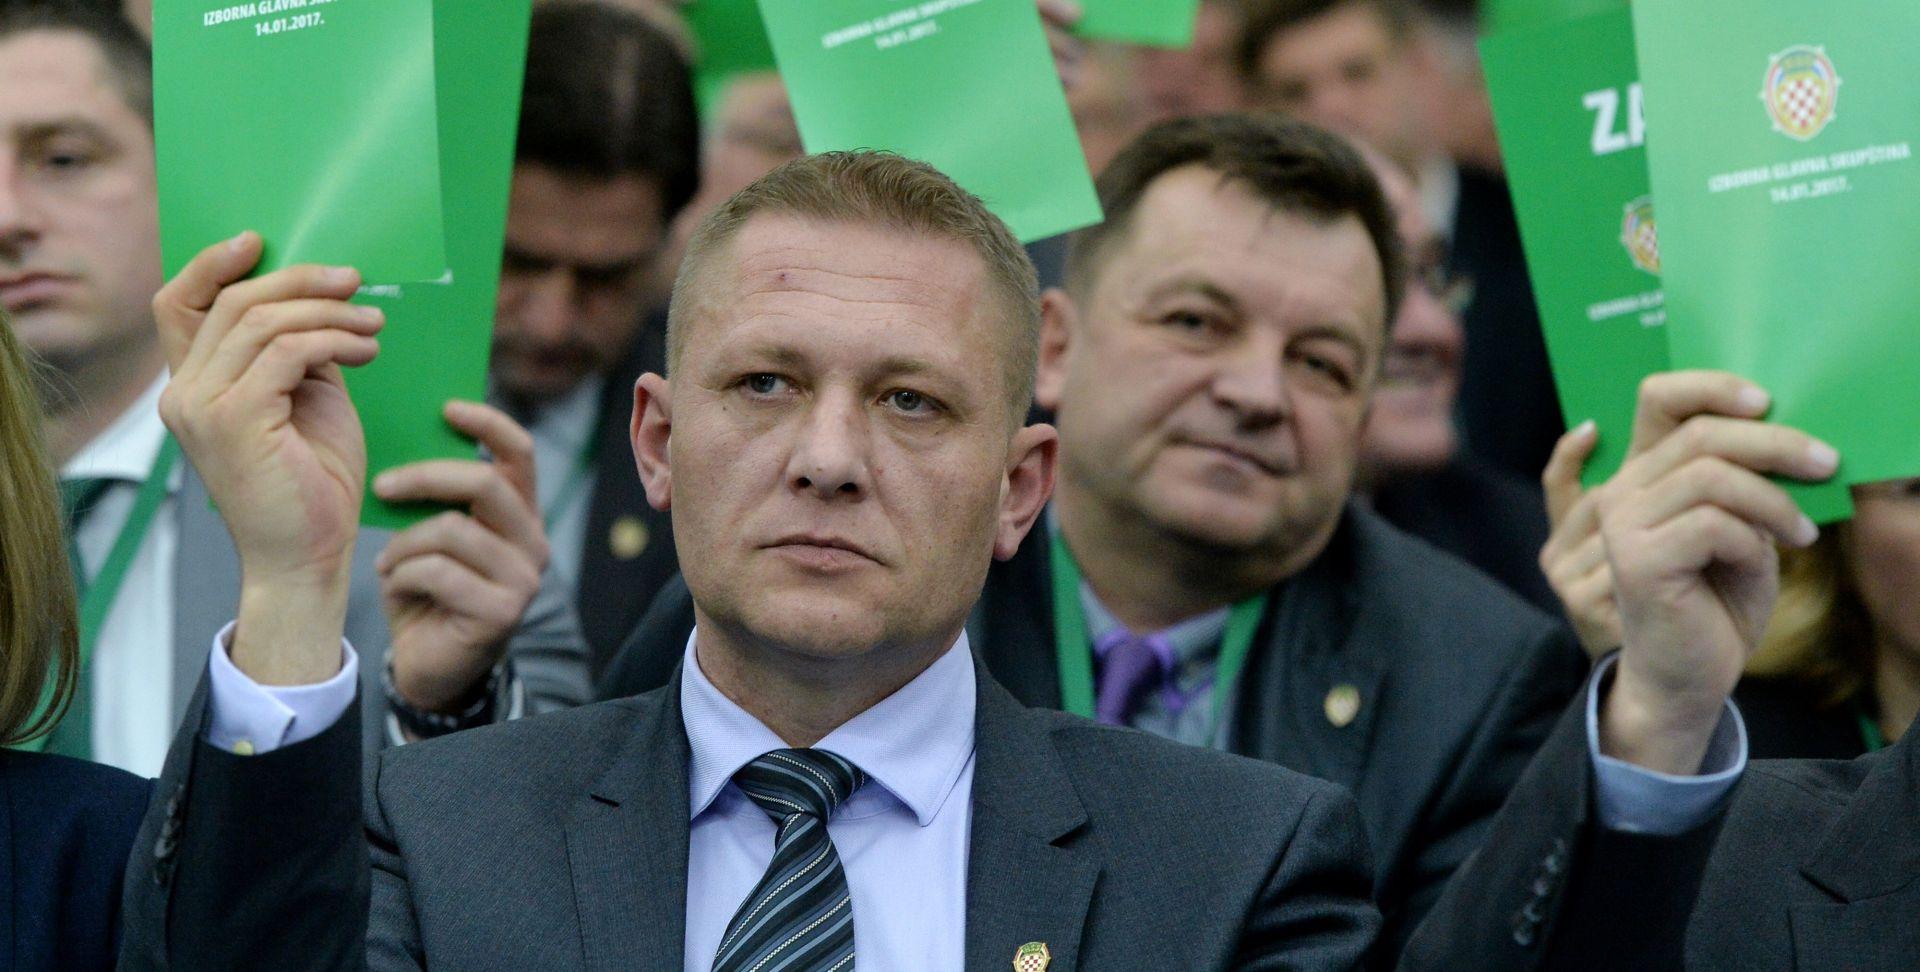 BELJAK 'Ova izborna Glavna skupština početak je novog HSS-a'